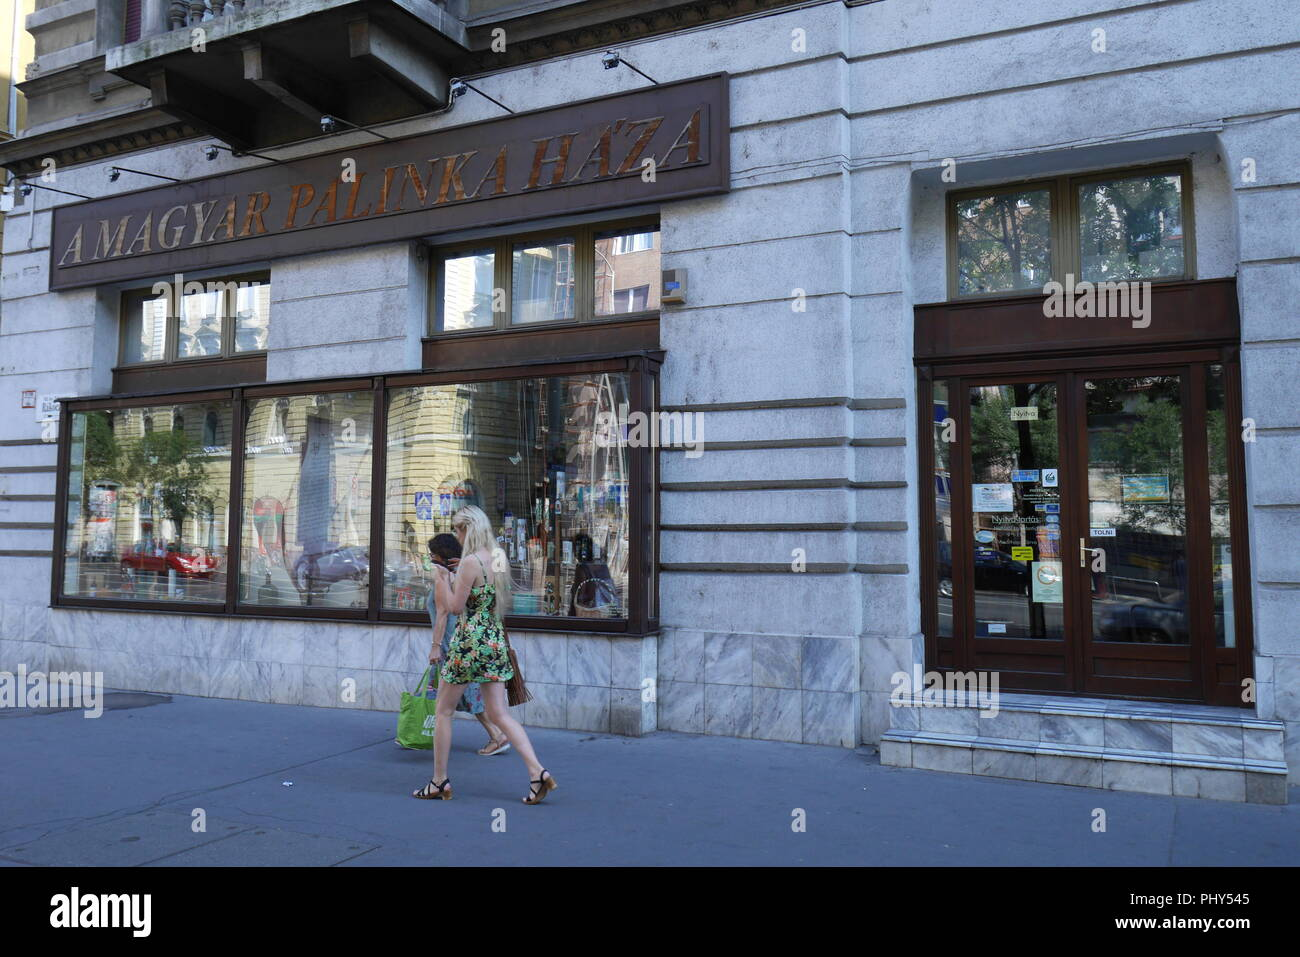 The House of Palinka, Magyar Palinka haza, Budapest, Hungary - Stock Image